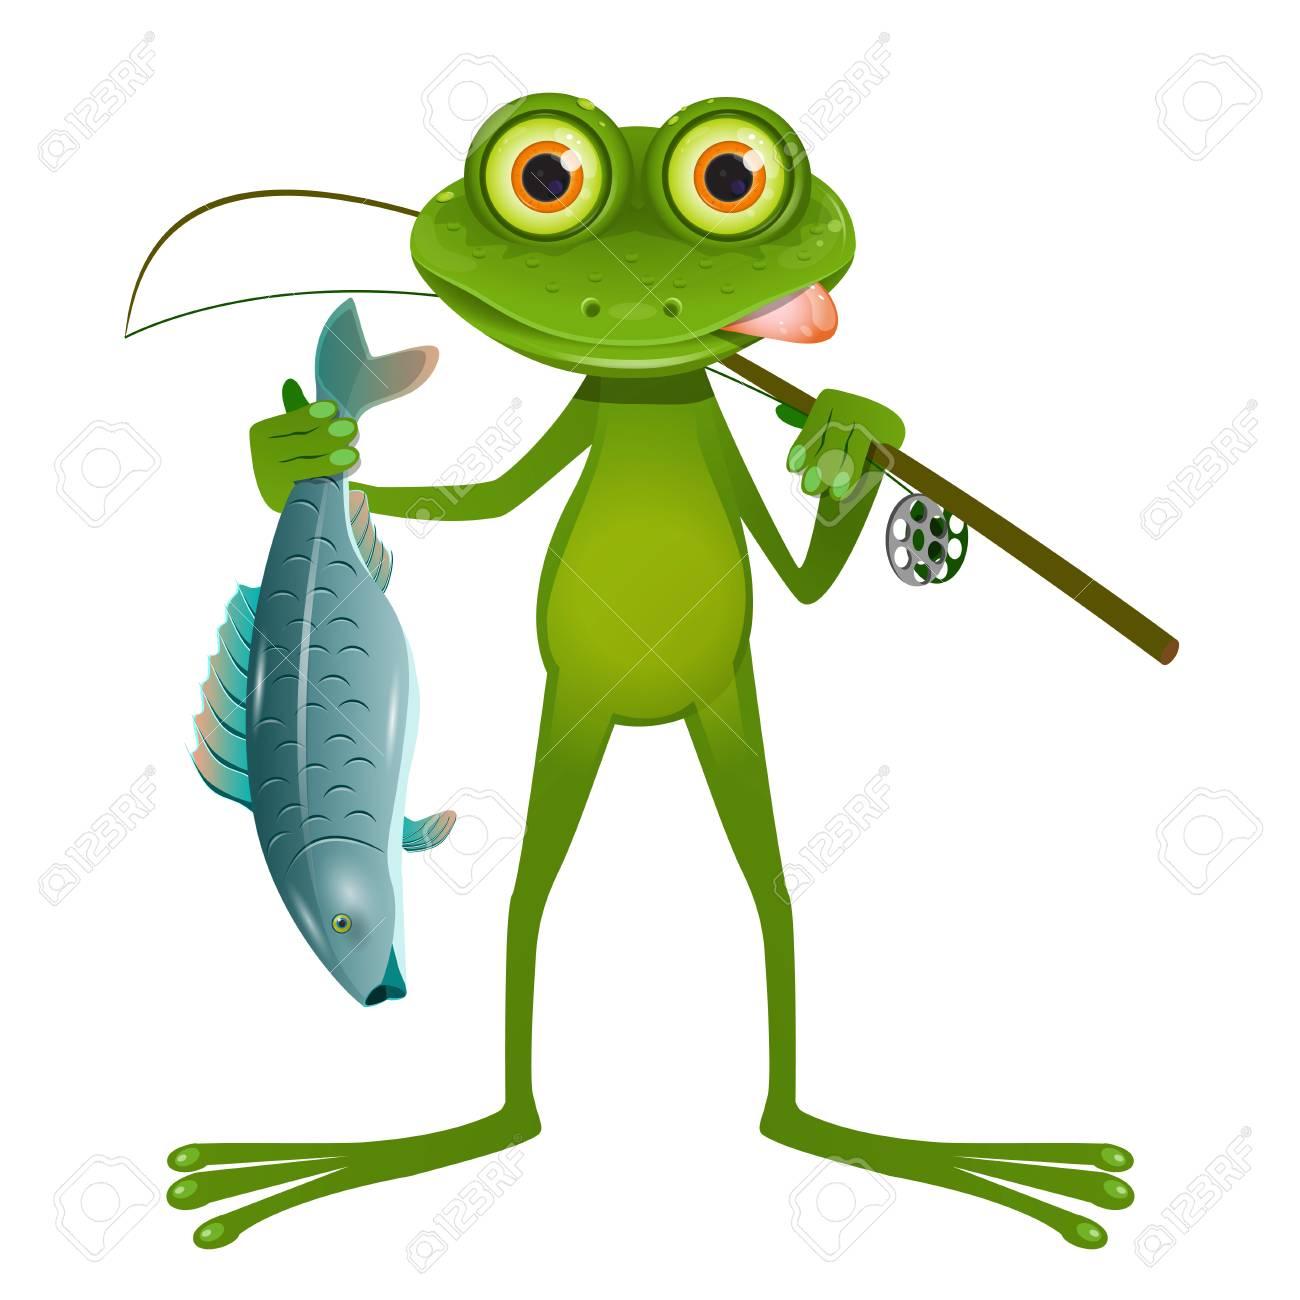 Illustration Goggle-eyed Frog Fisherman on a White Background - 91525230